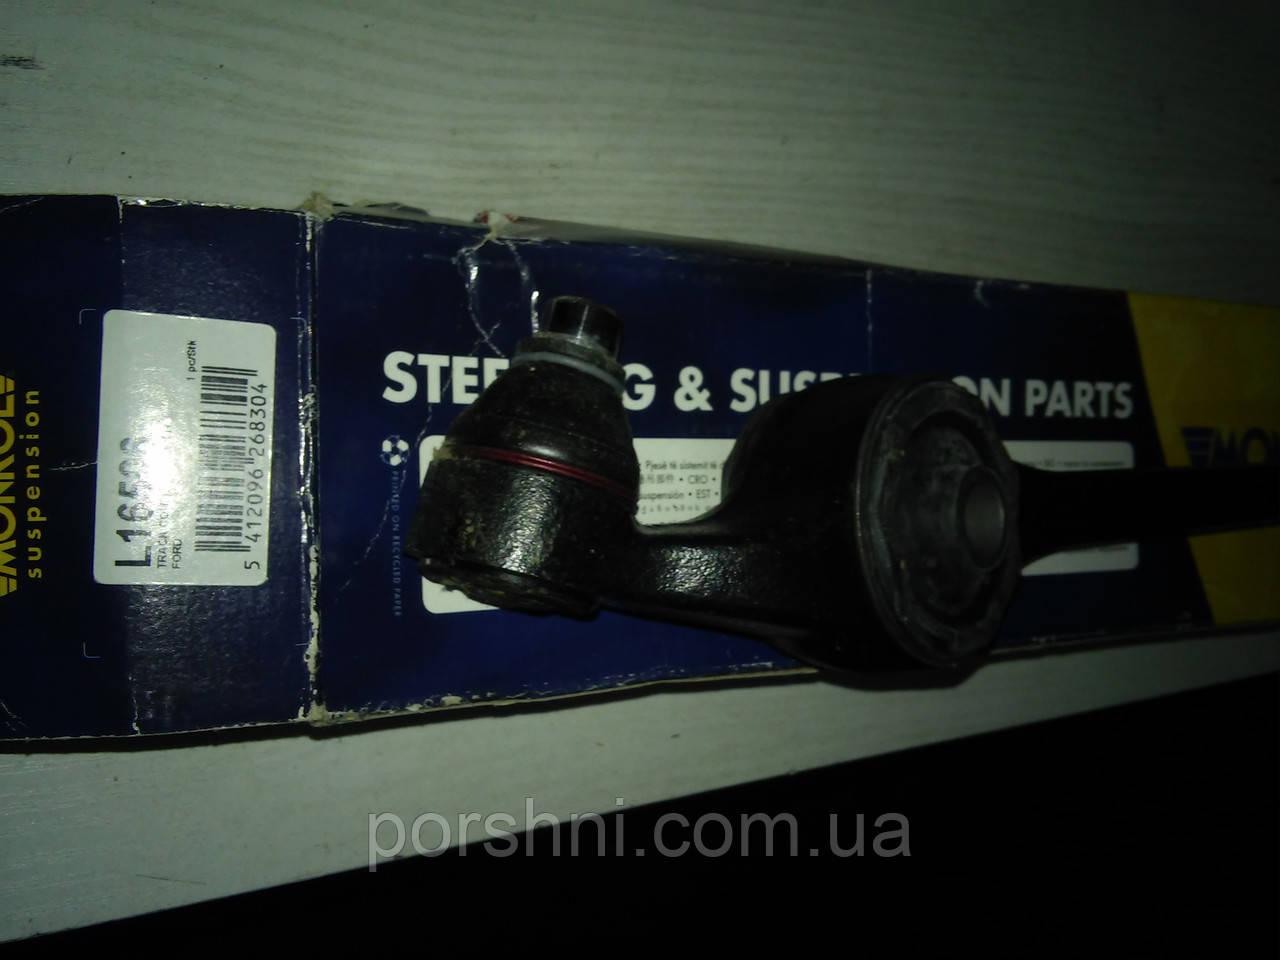 Рычаг передний Ford  Scorpio Sierra  ( 4 х 4 ) RH  MANROE  L16505